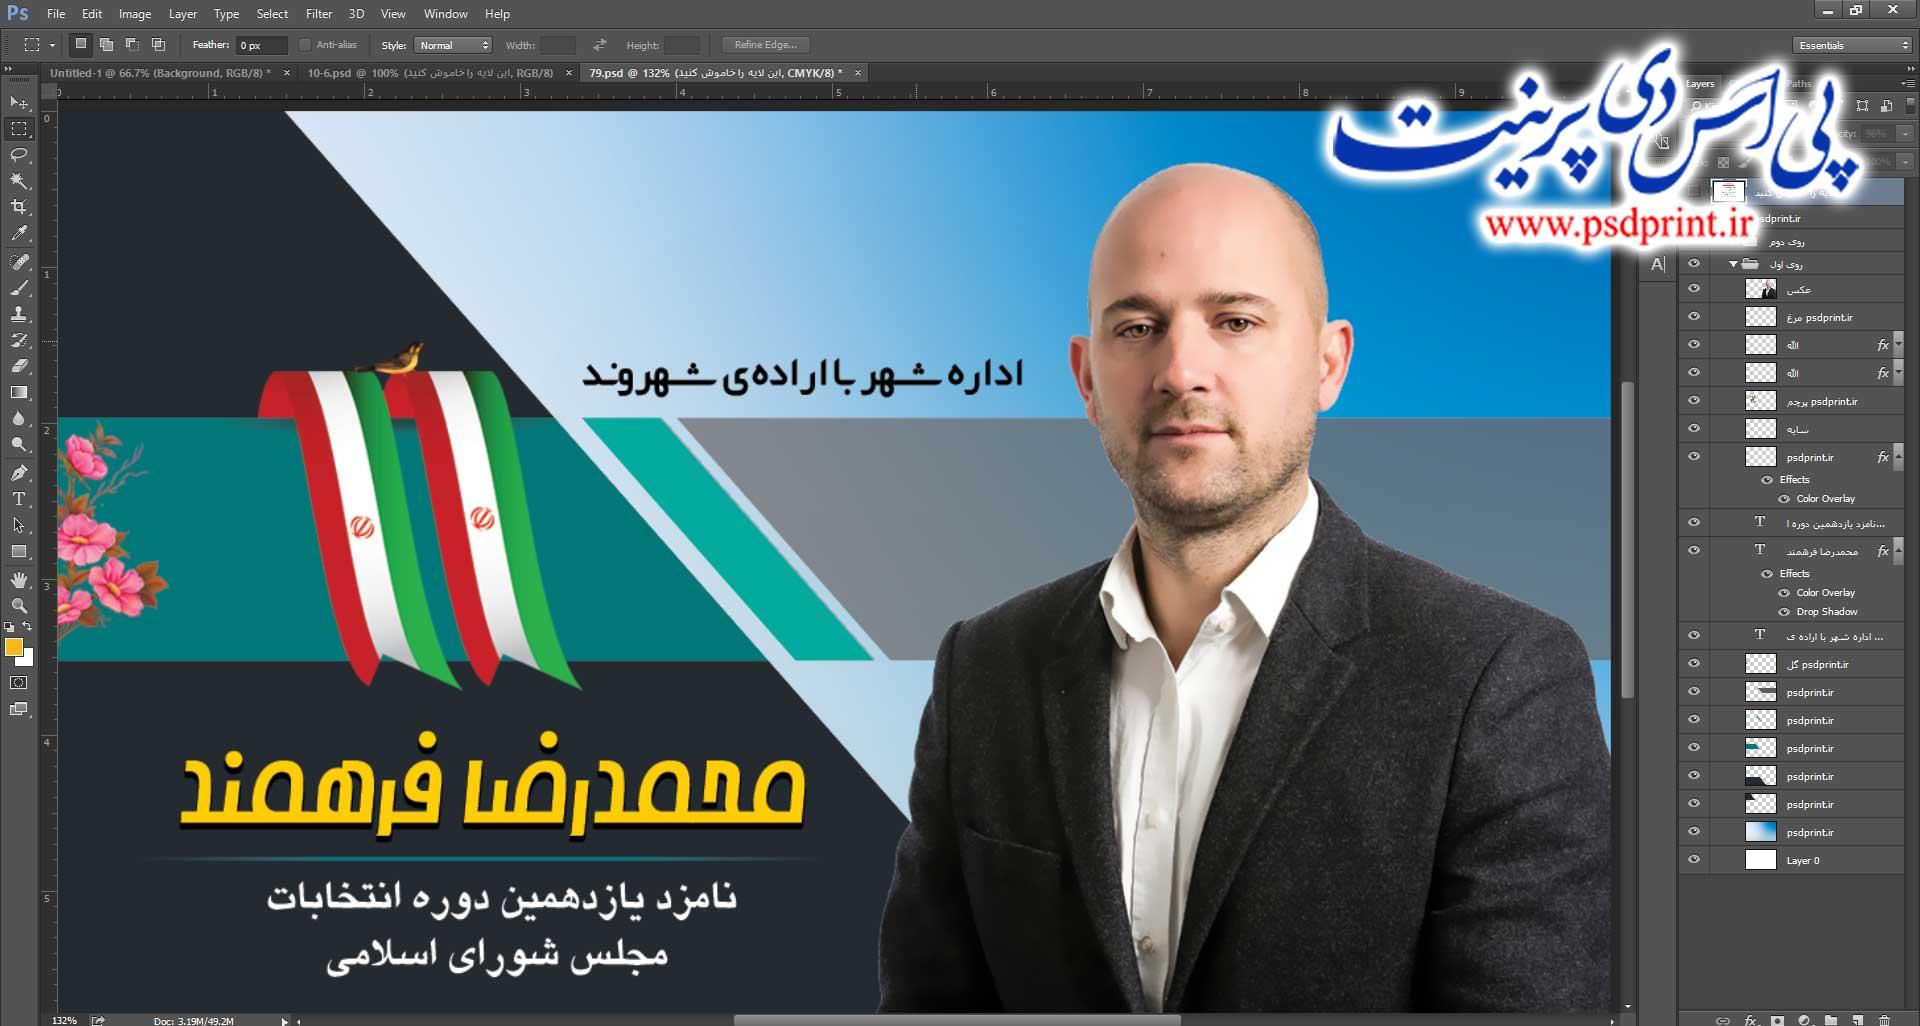 طرح کارت ویزیت انتخابات مجلس